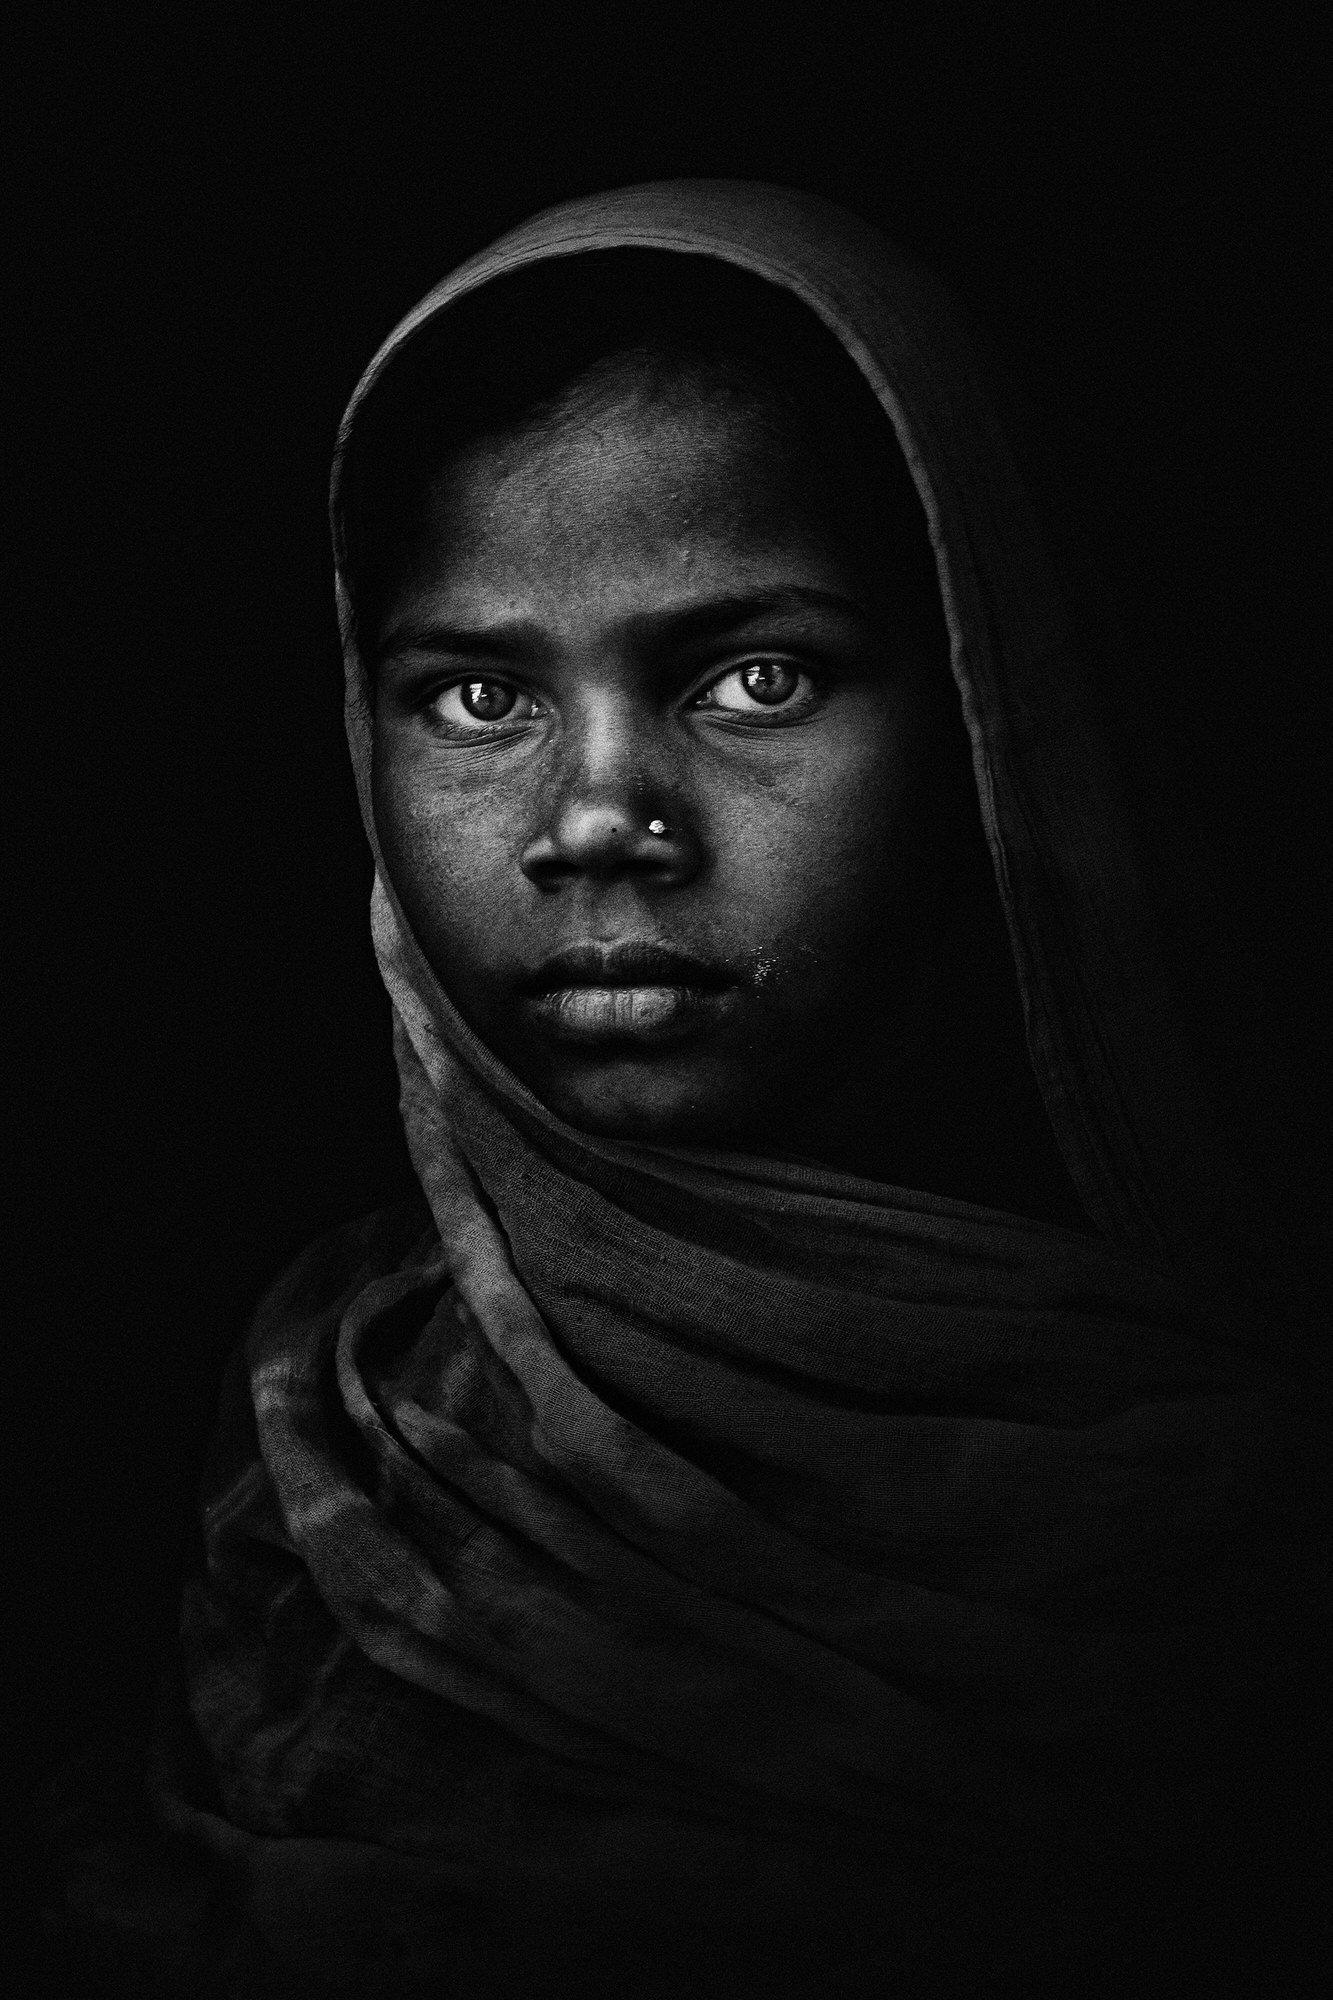 Donell Gumiran的黑白摄影